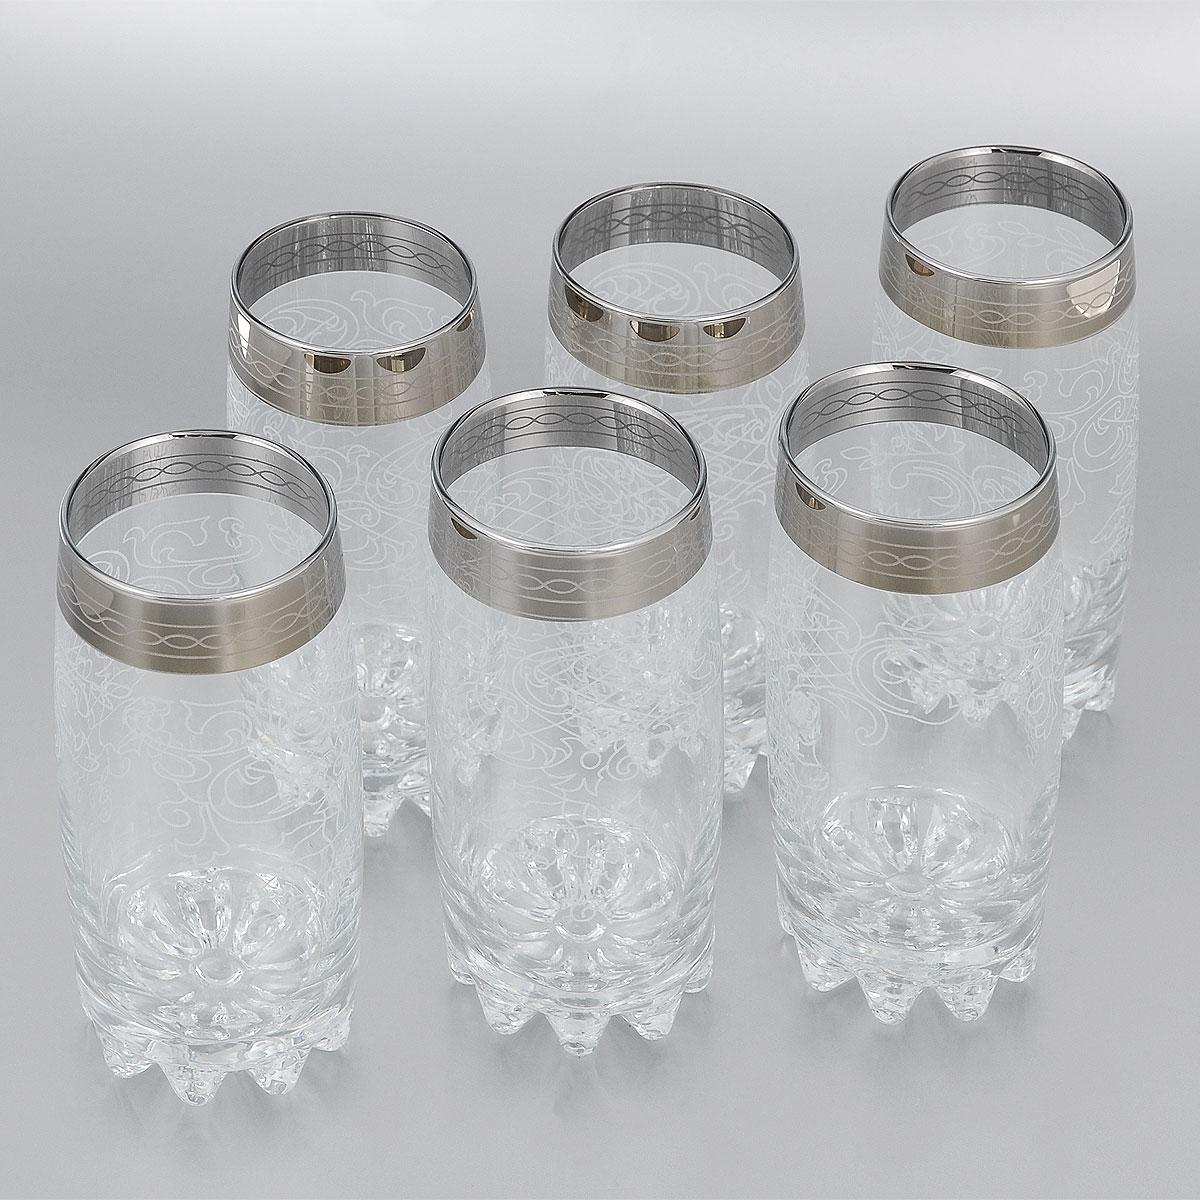 Набор стаканов для коктейля Гусь-Хрустальный Люция, 390 мл, 6 шт812/03Набор стаканов для коктейлей Гусь-Хрустальный Люция изготовлен из натрий-кальций-силикатного стекла. Набор состоит из 6 стаканов, выполненных в элегантном дизайне. Такие стаканы украсят любой праздничный стол.Набор стаканов для коктейлей может стать отличным подарком к любому празднику. Можно мыть в посудомоечной машине.Диаметр стакана по верхнему краю: 6 см.Высота стакана: 14,7 см.